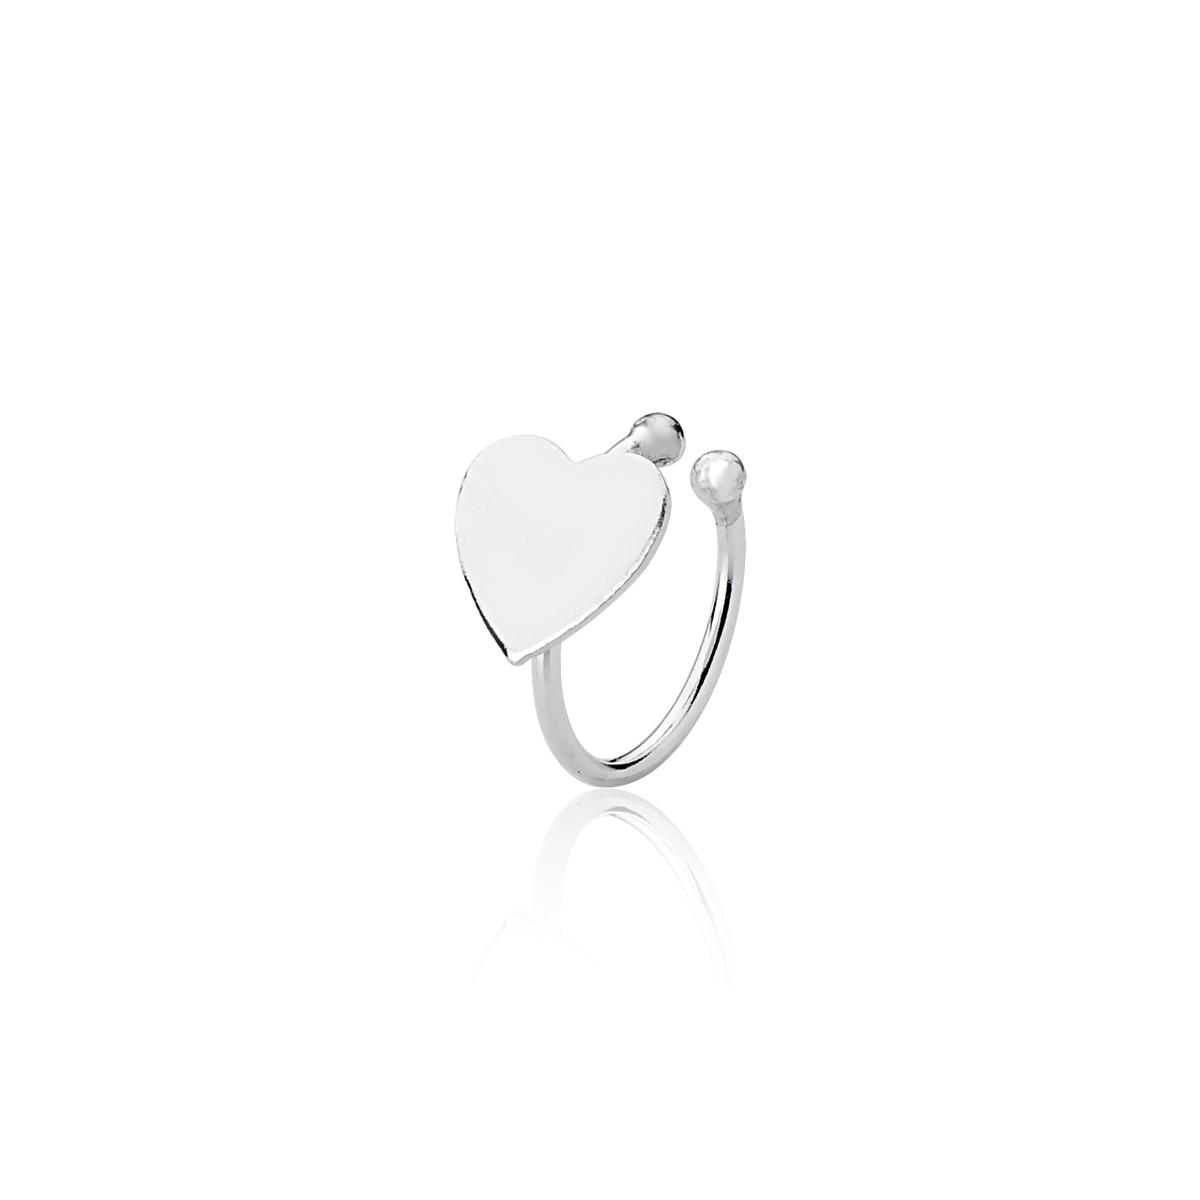 Piercing De Pressão Cartilagem Coração 9 MM